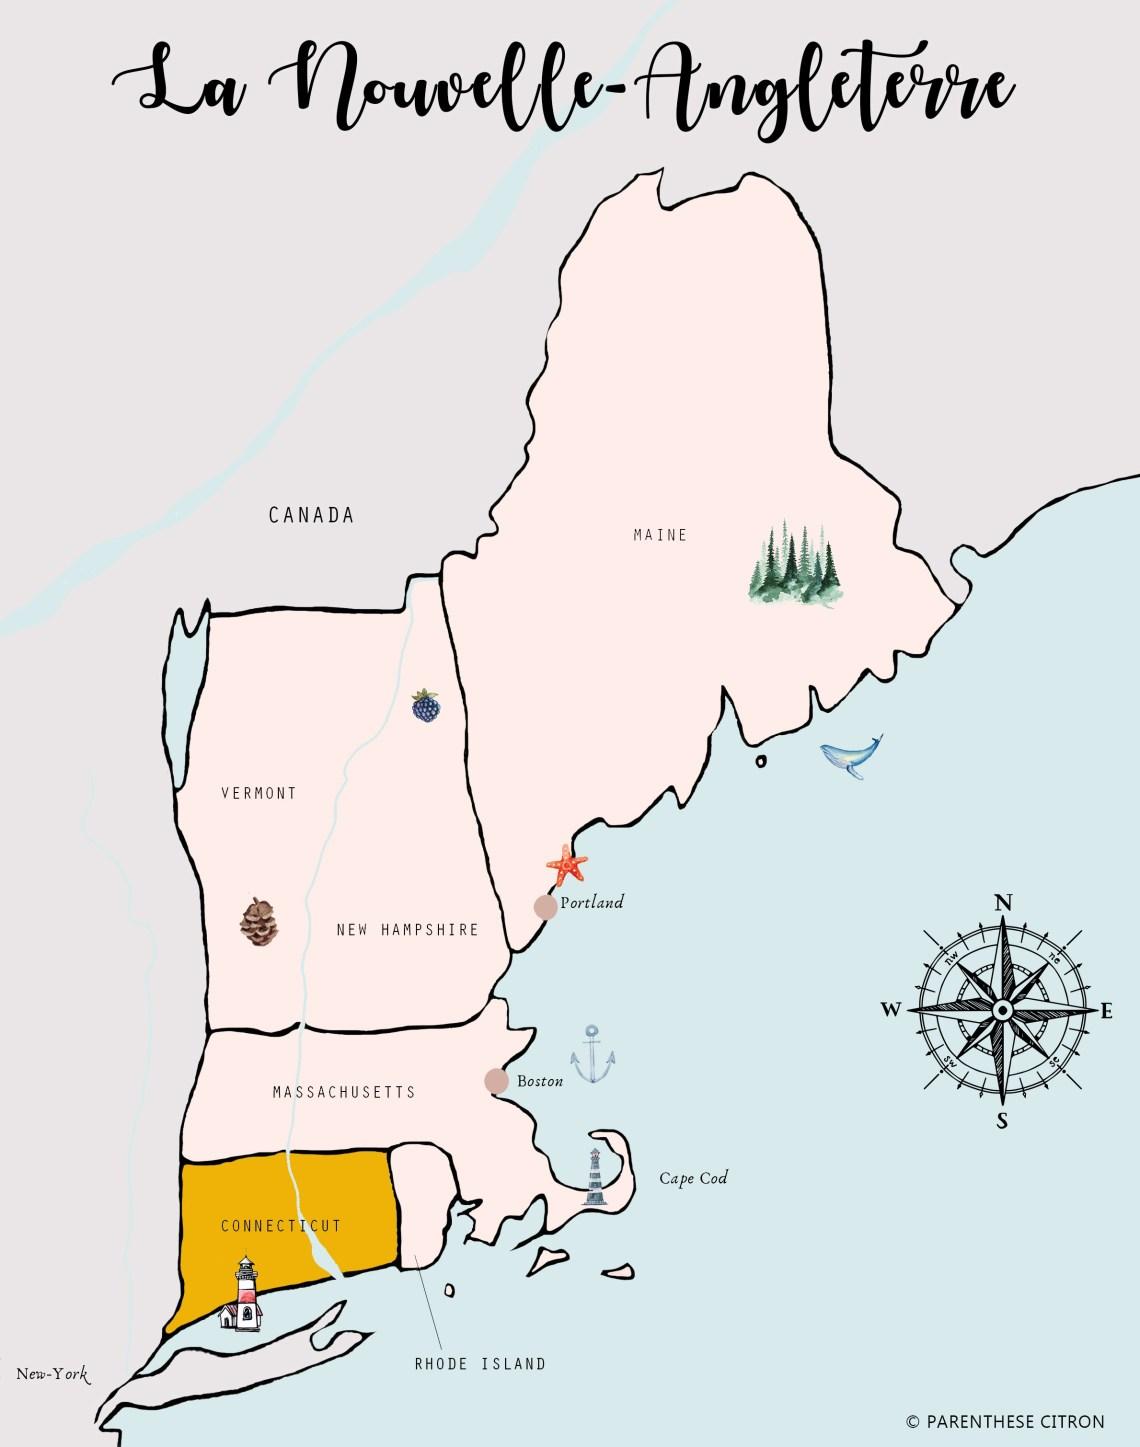 CONNECTICUT tourist map